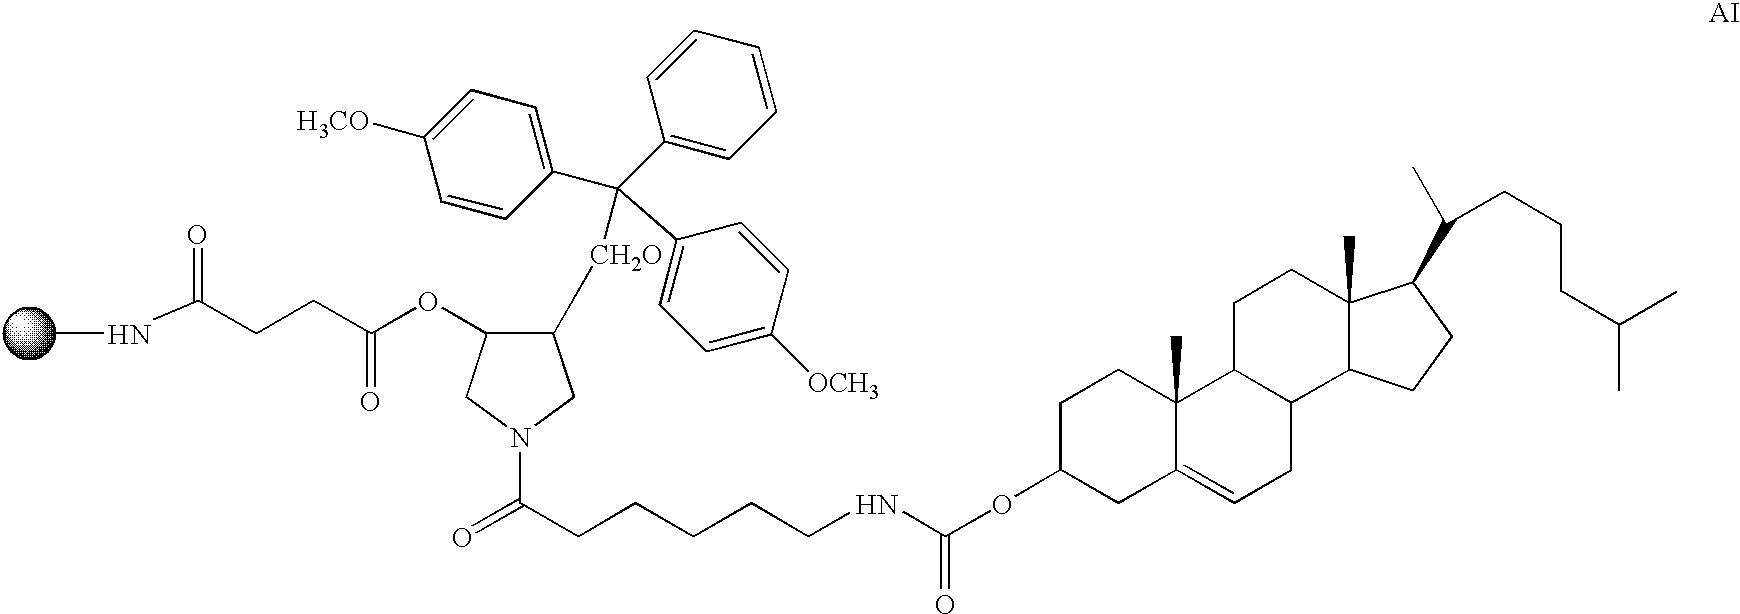 Figure US08324366-20121204-C00013